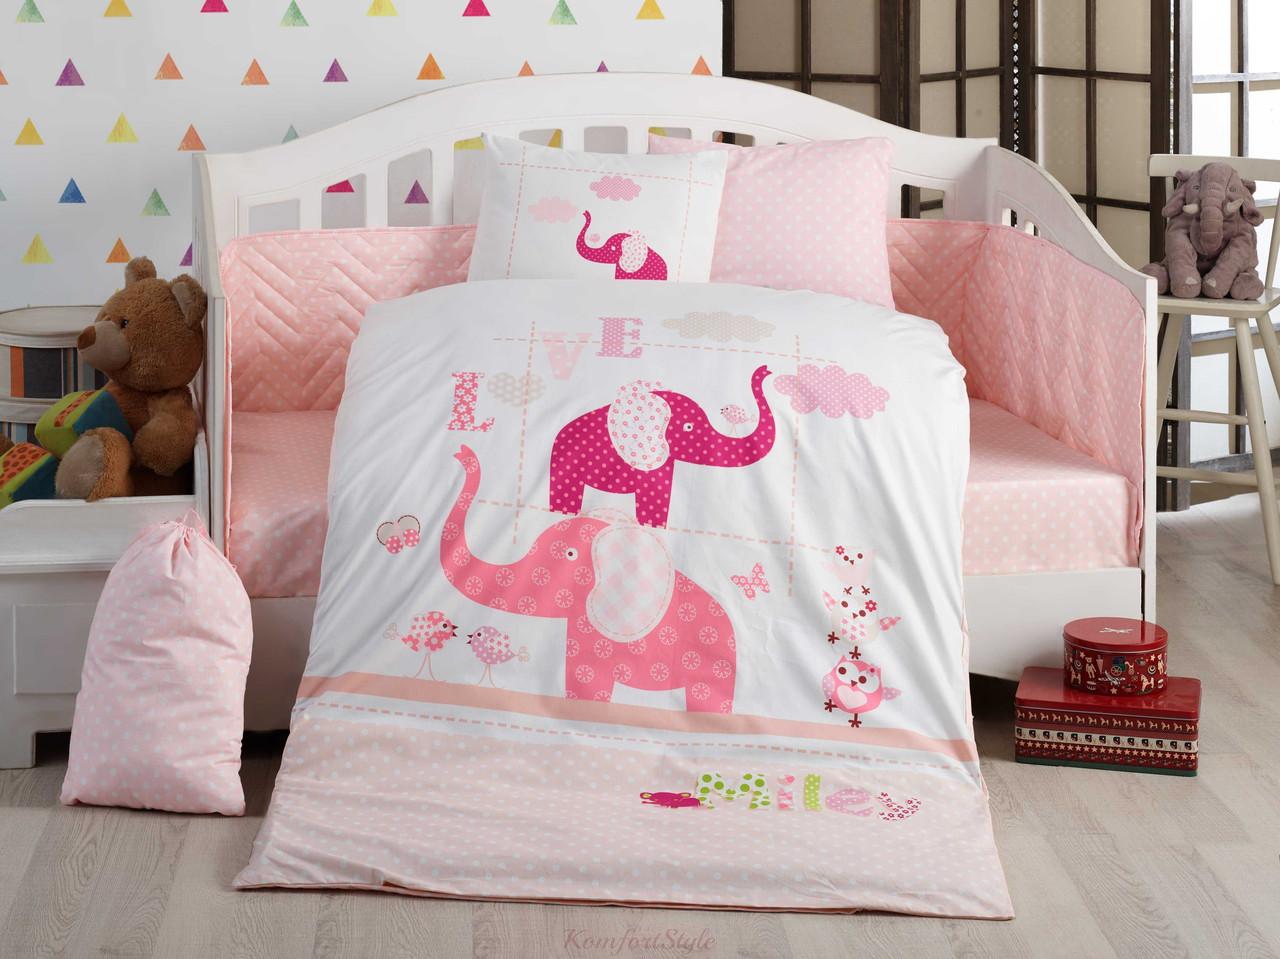 Комплект постельного белья HOBBY детский Pretty розовый 100*150/2*35*45